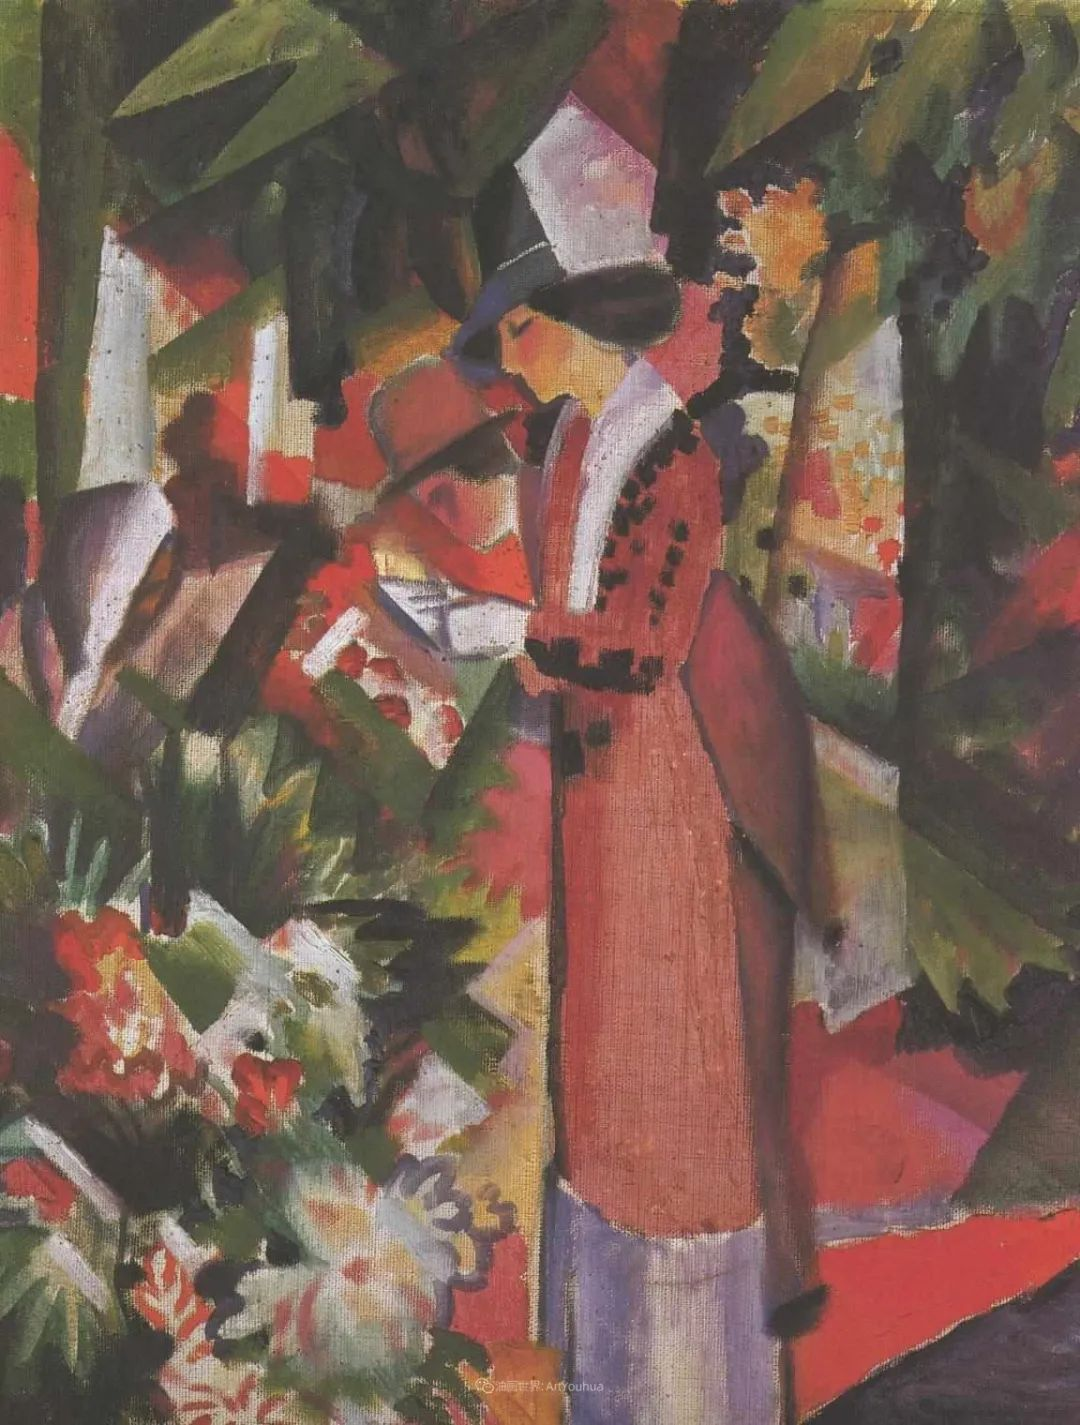 画面色彩的力量,德国表现主义画家奥古斯特·马克插图121